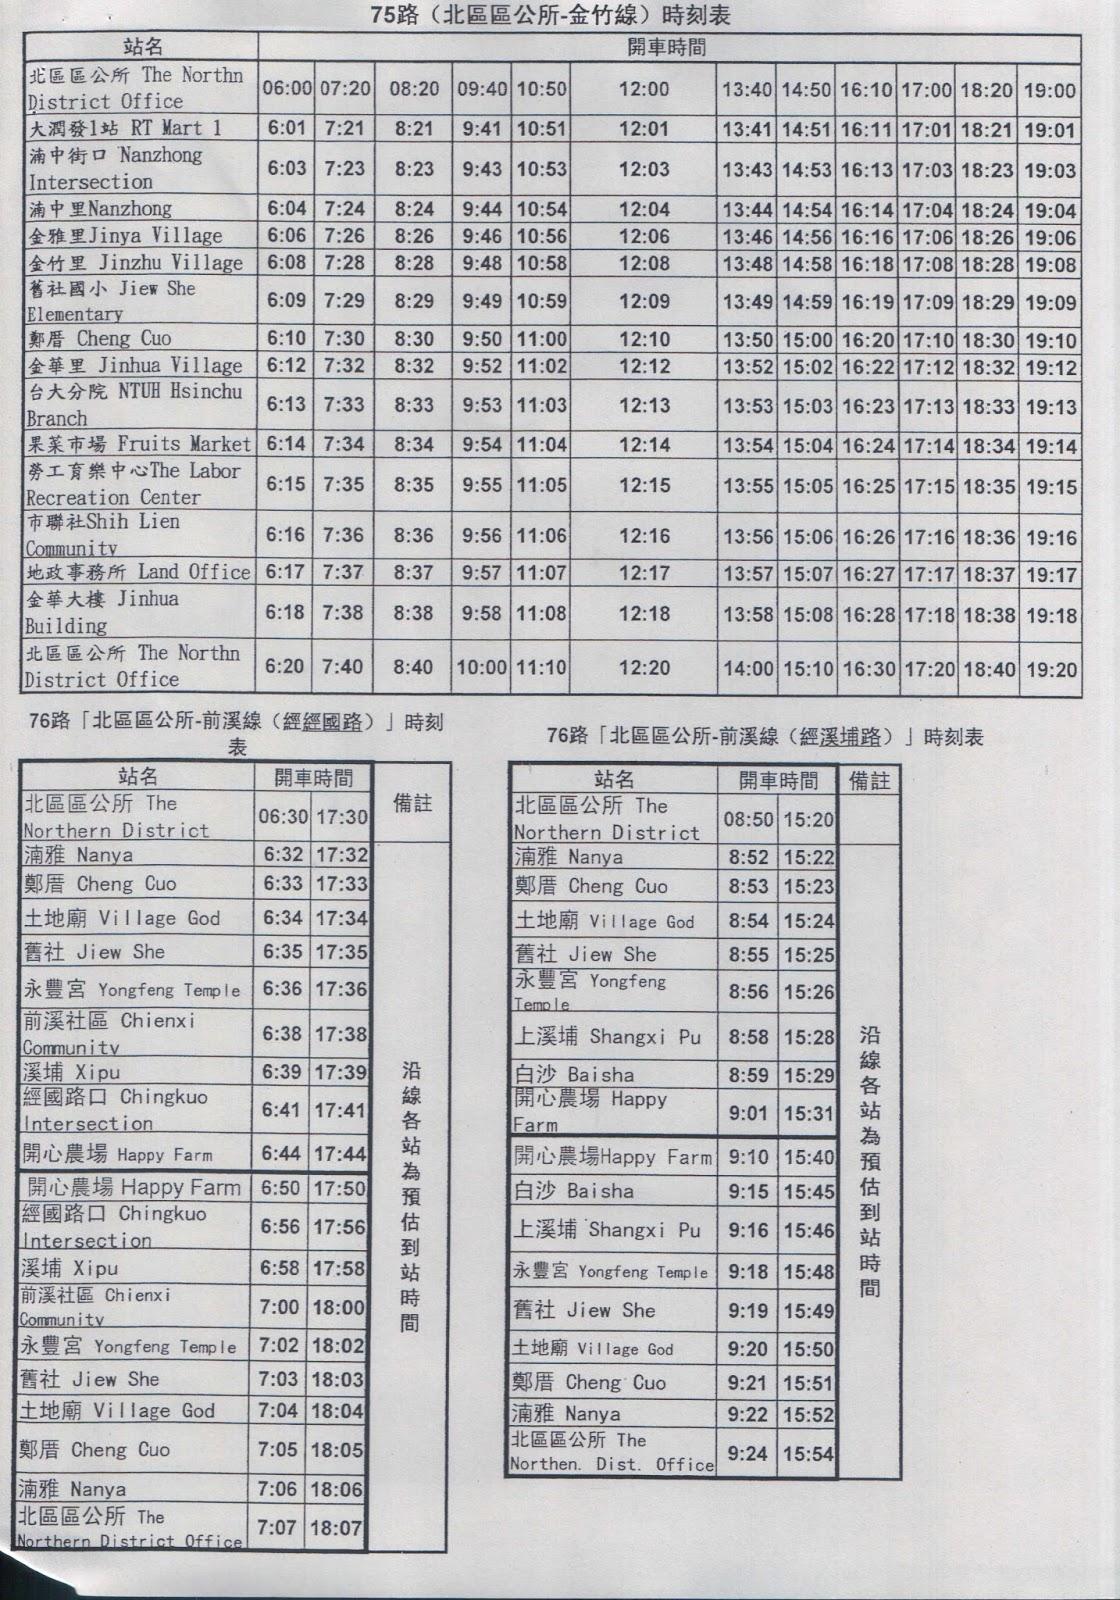 An A B C 's Guide to Hsinchu: Hsinchu City Free Bus Schedule